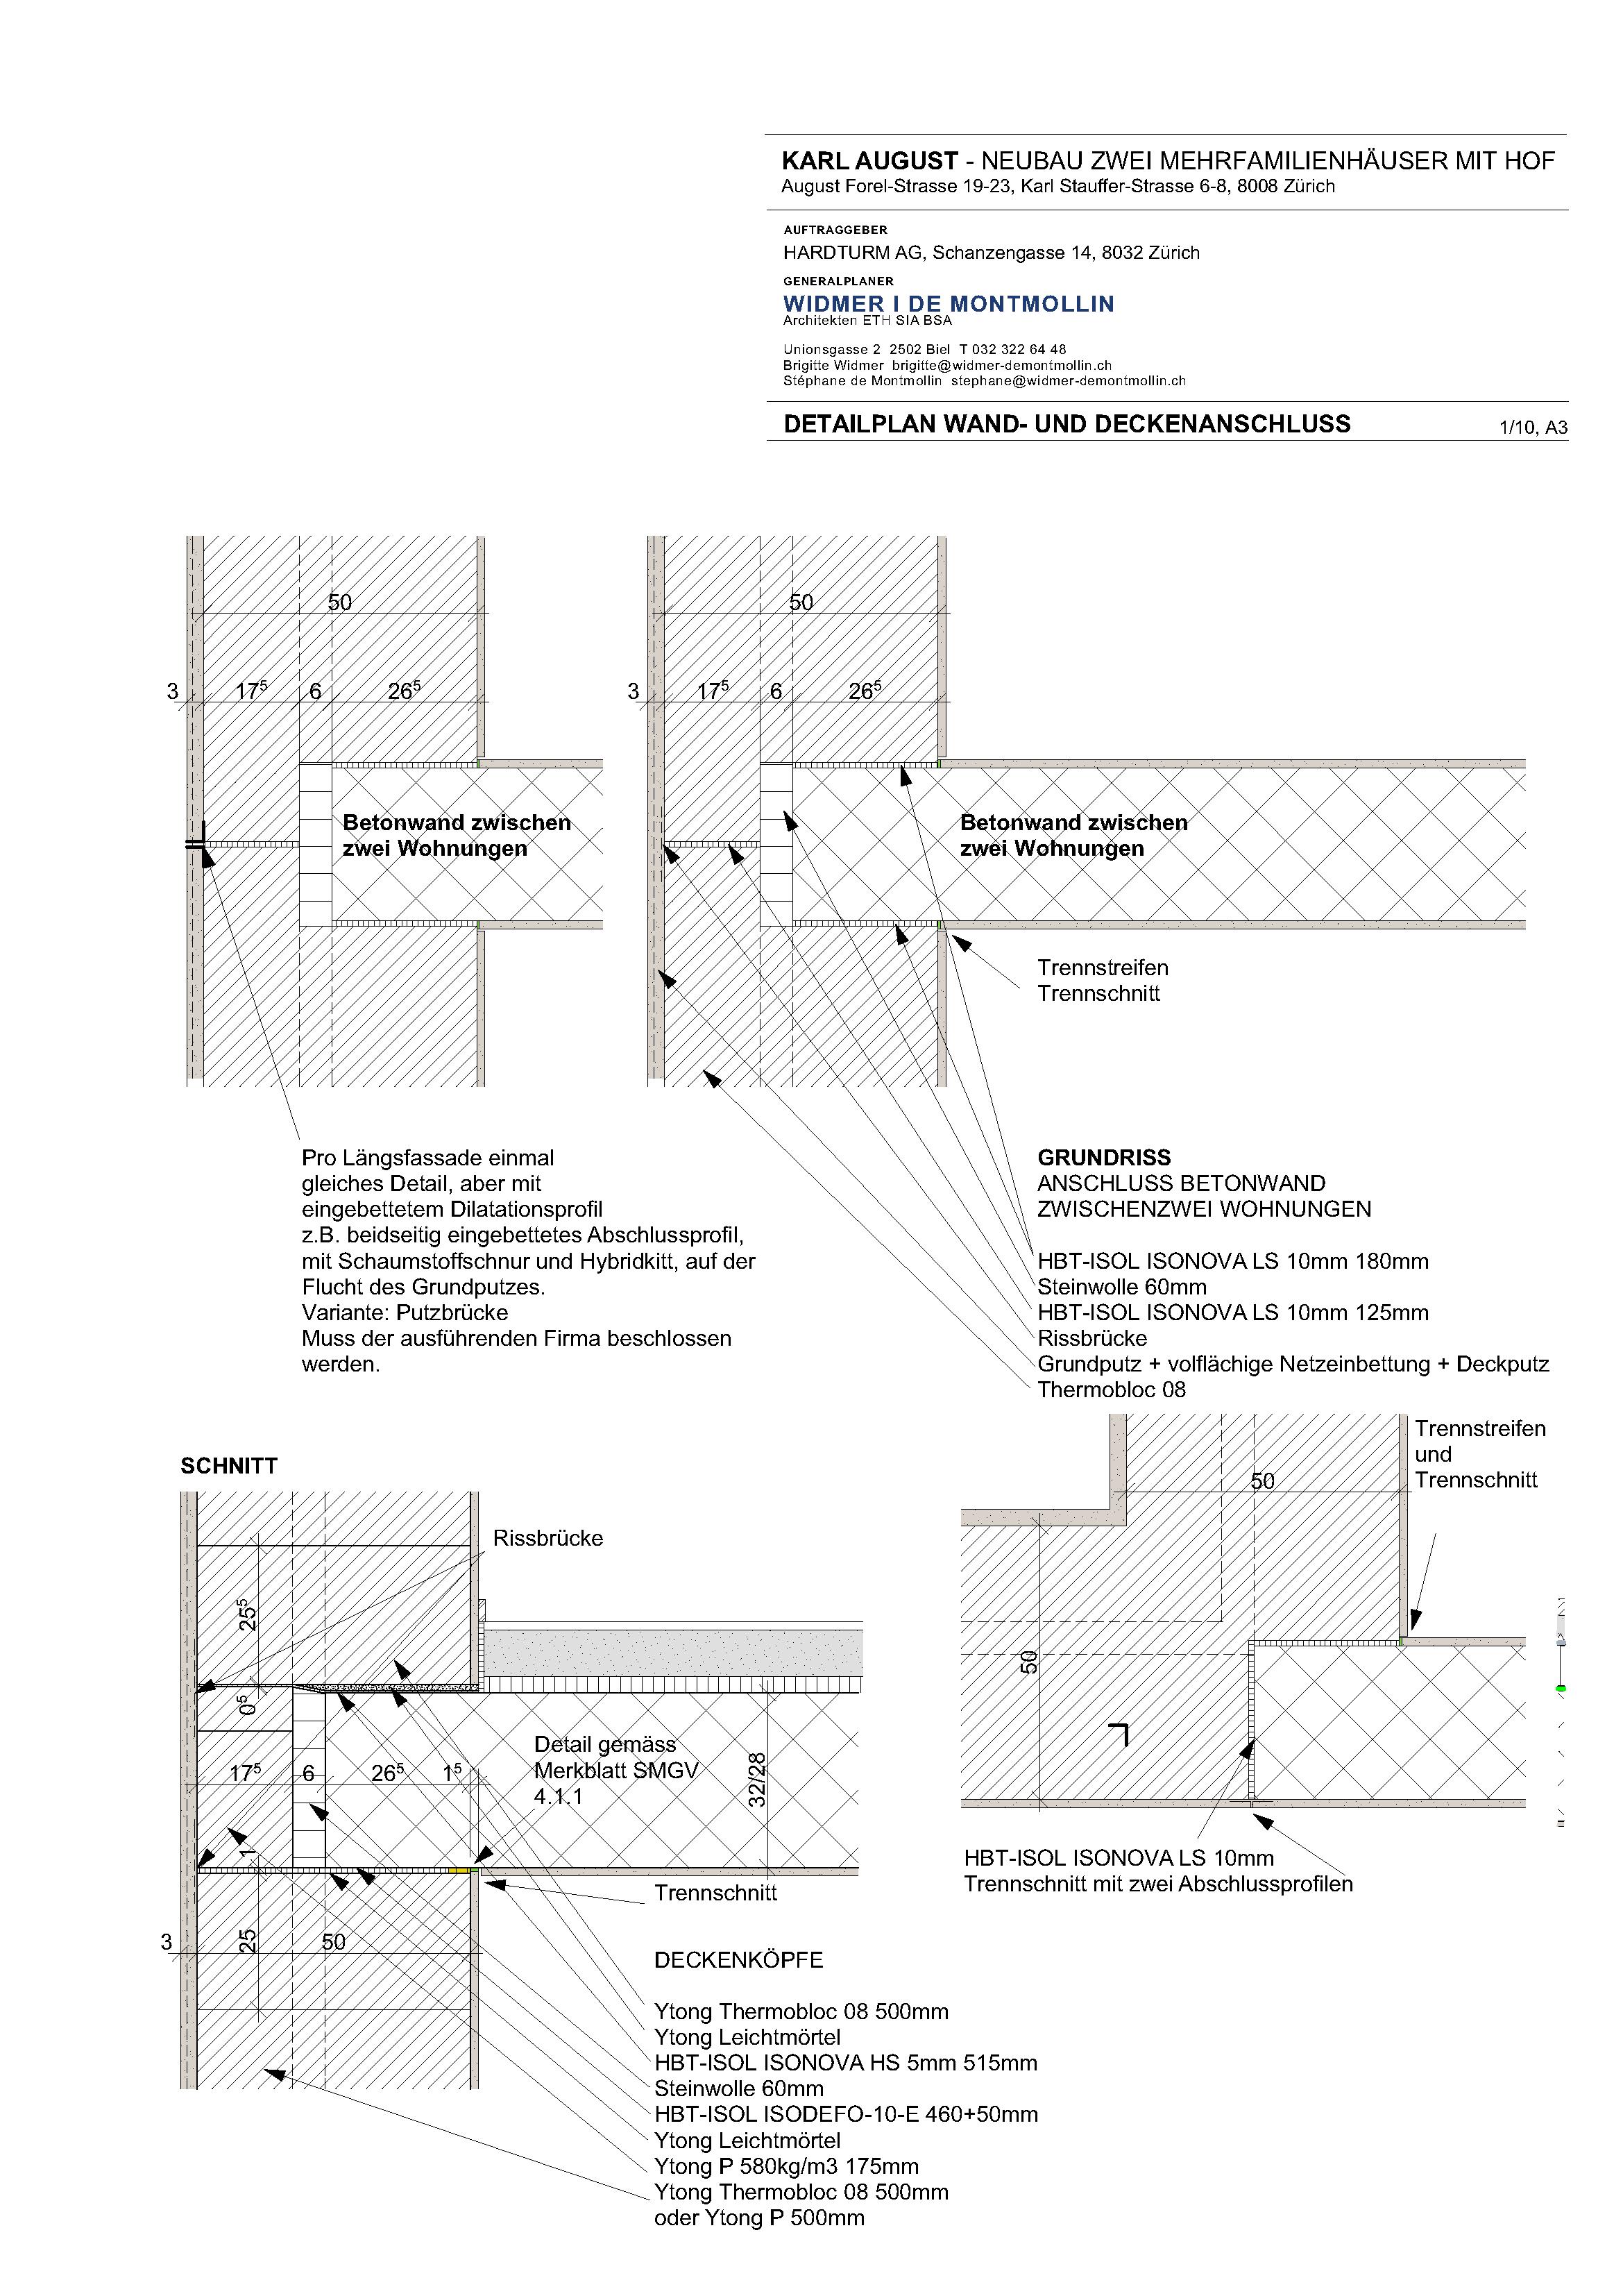 006 Detail Wand und Deckenanschluss